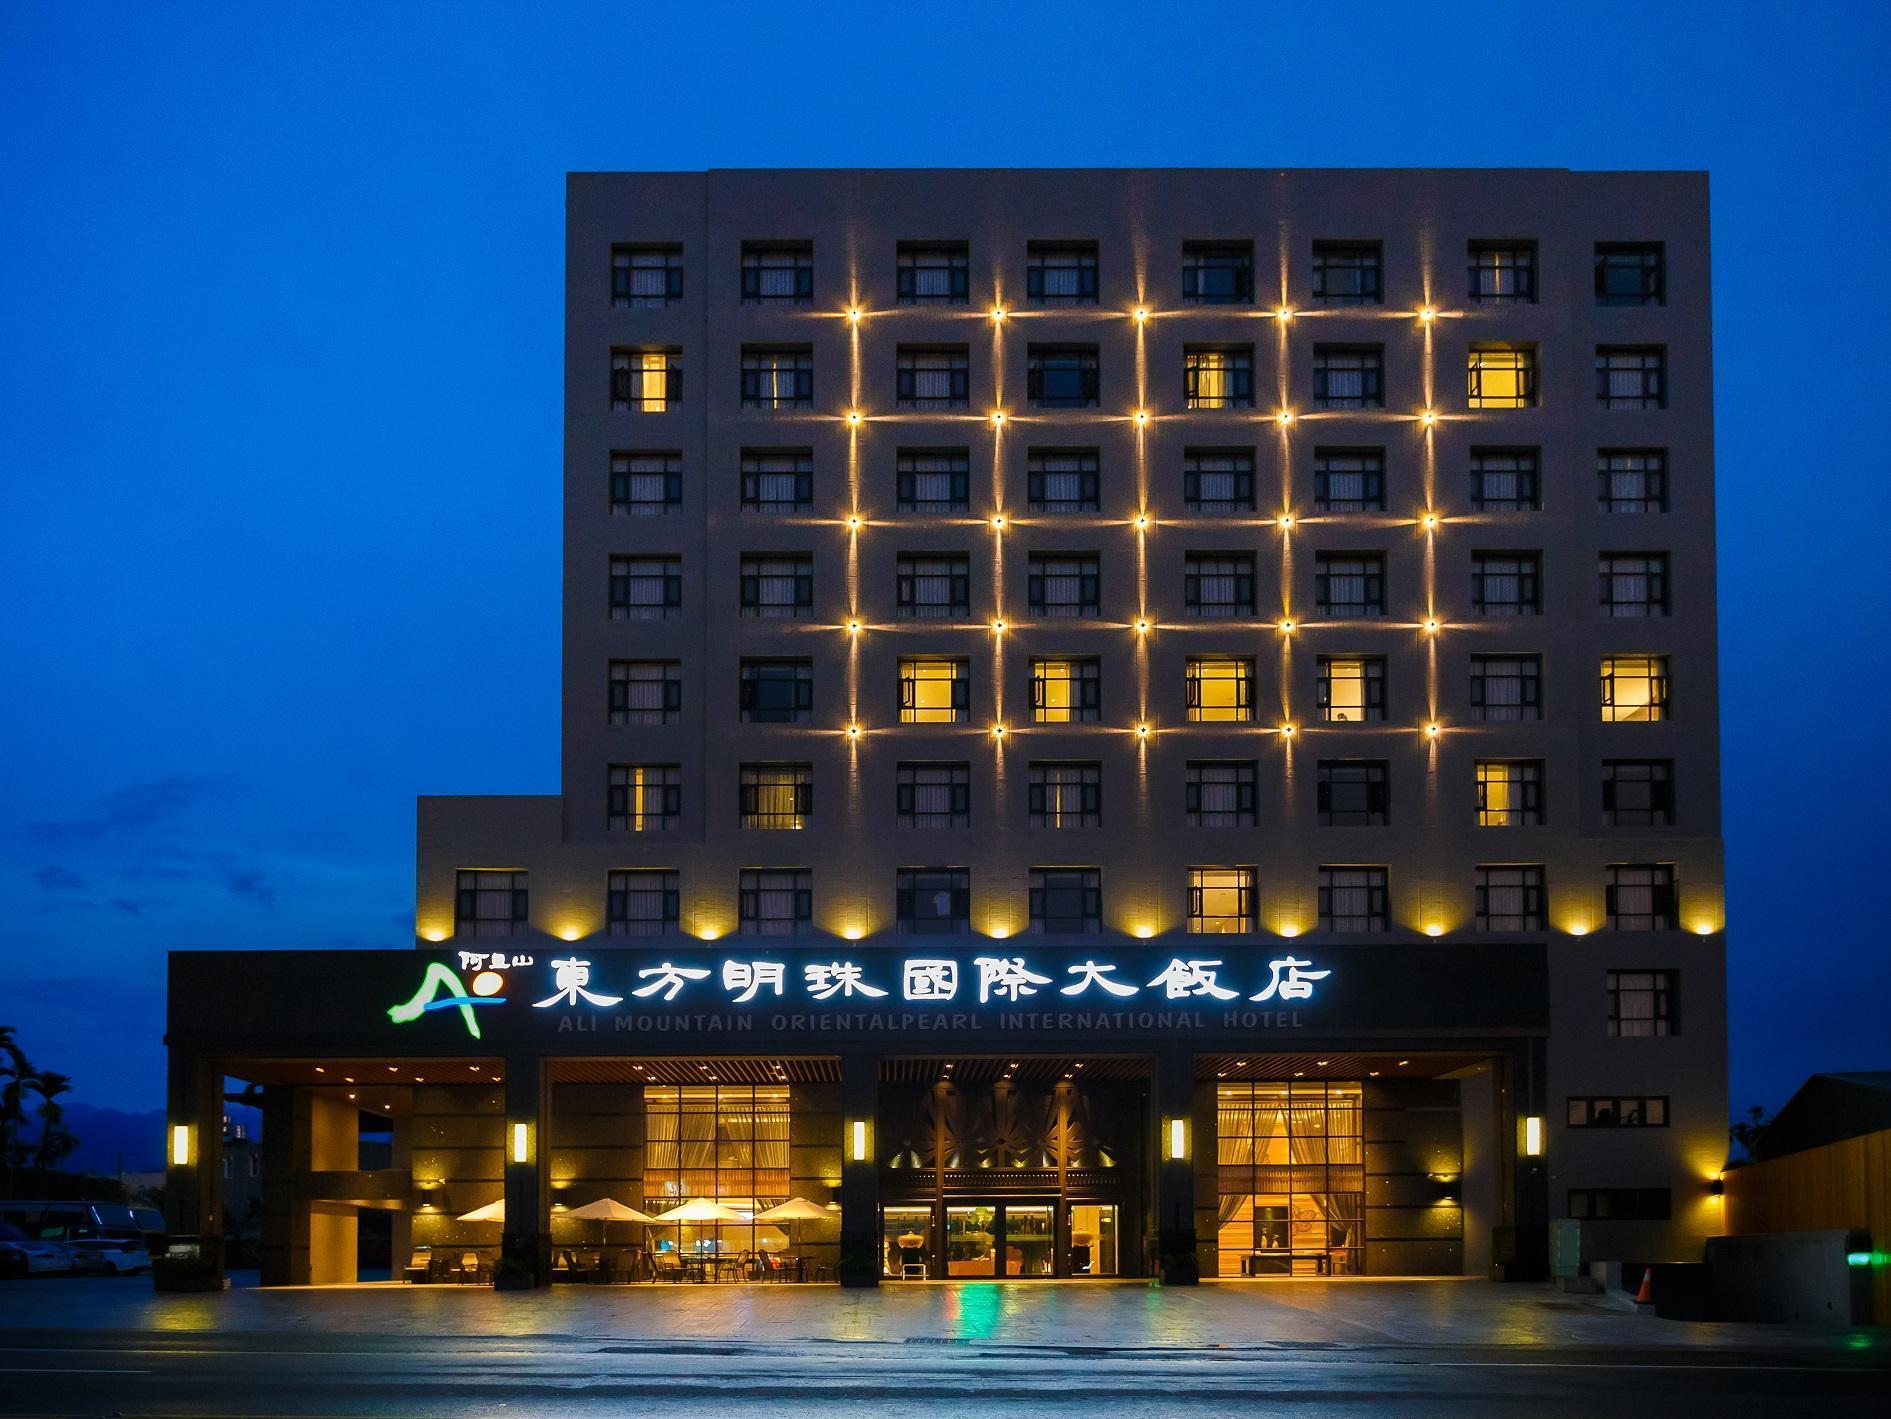 Ali Mountain Oriental Pearl International Hotel